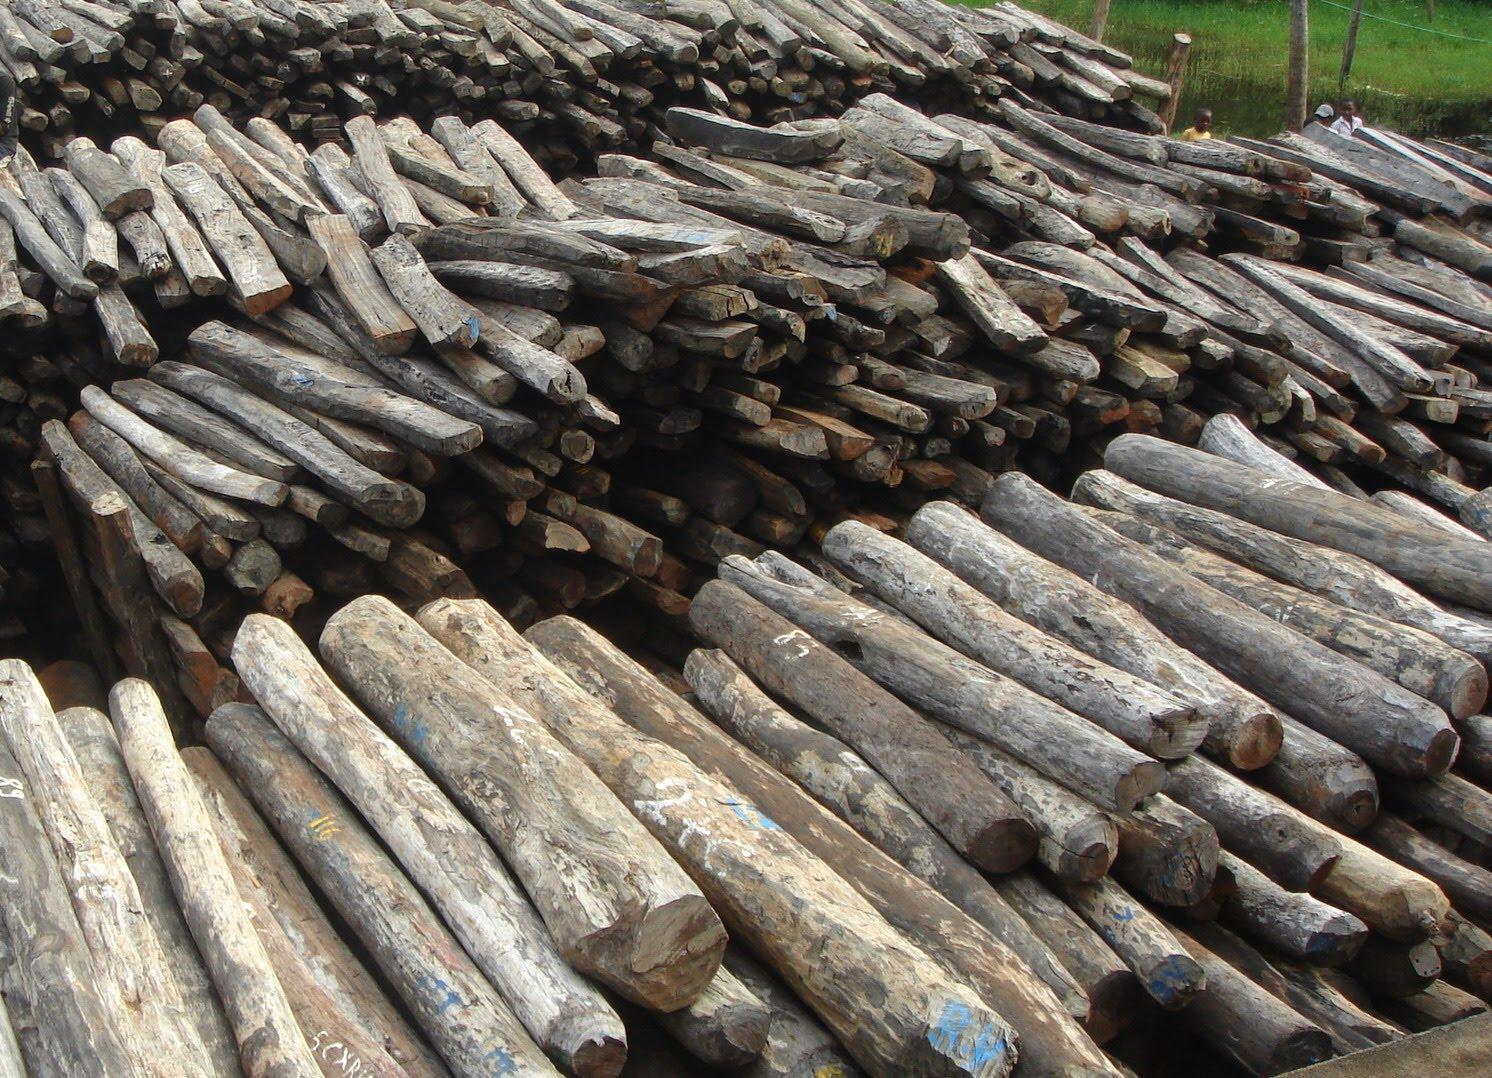 VAOVAO MALAGASY Les bois de rose de Madagascar, encore épiés ~ Bois De Madagascar